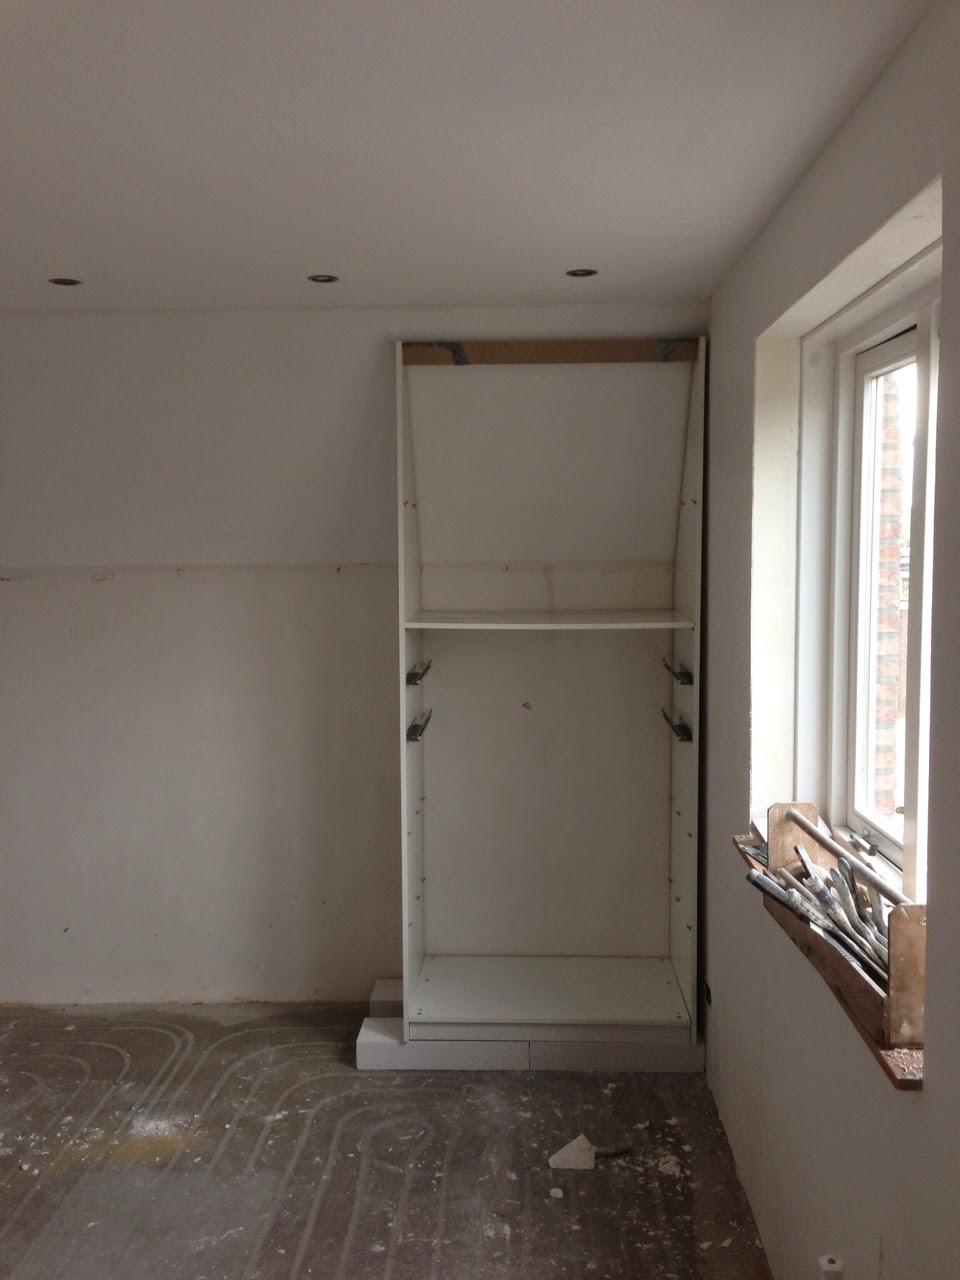 Loft Bed With Wardrobe Under